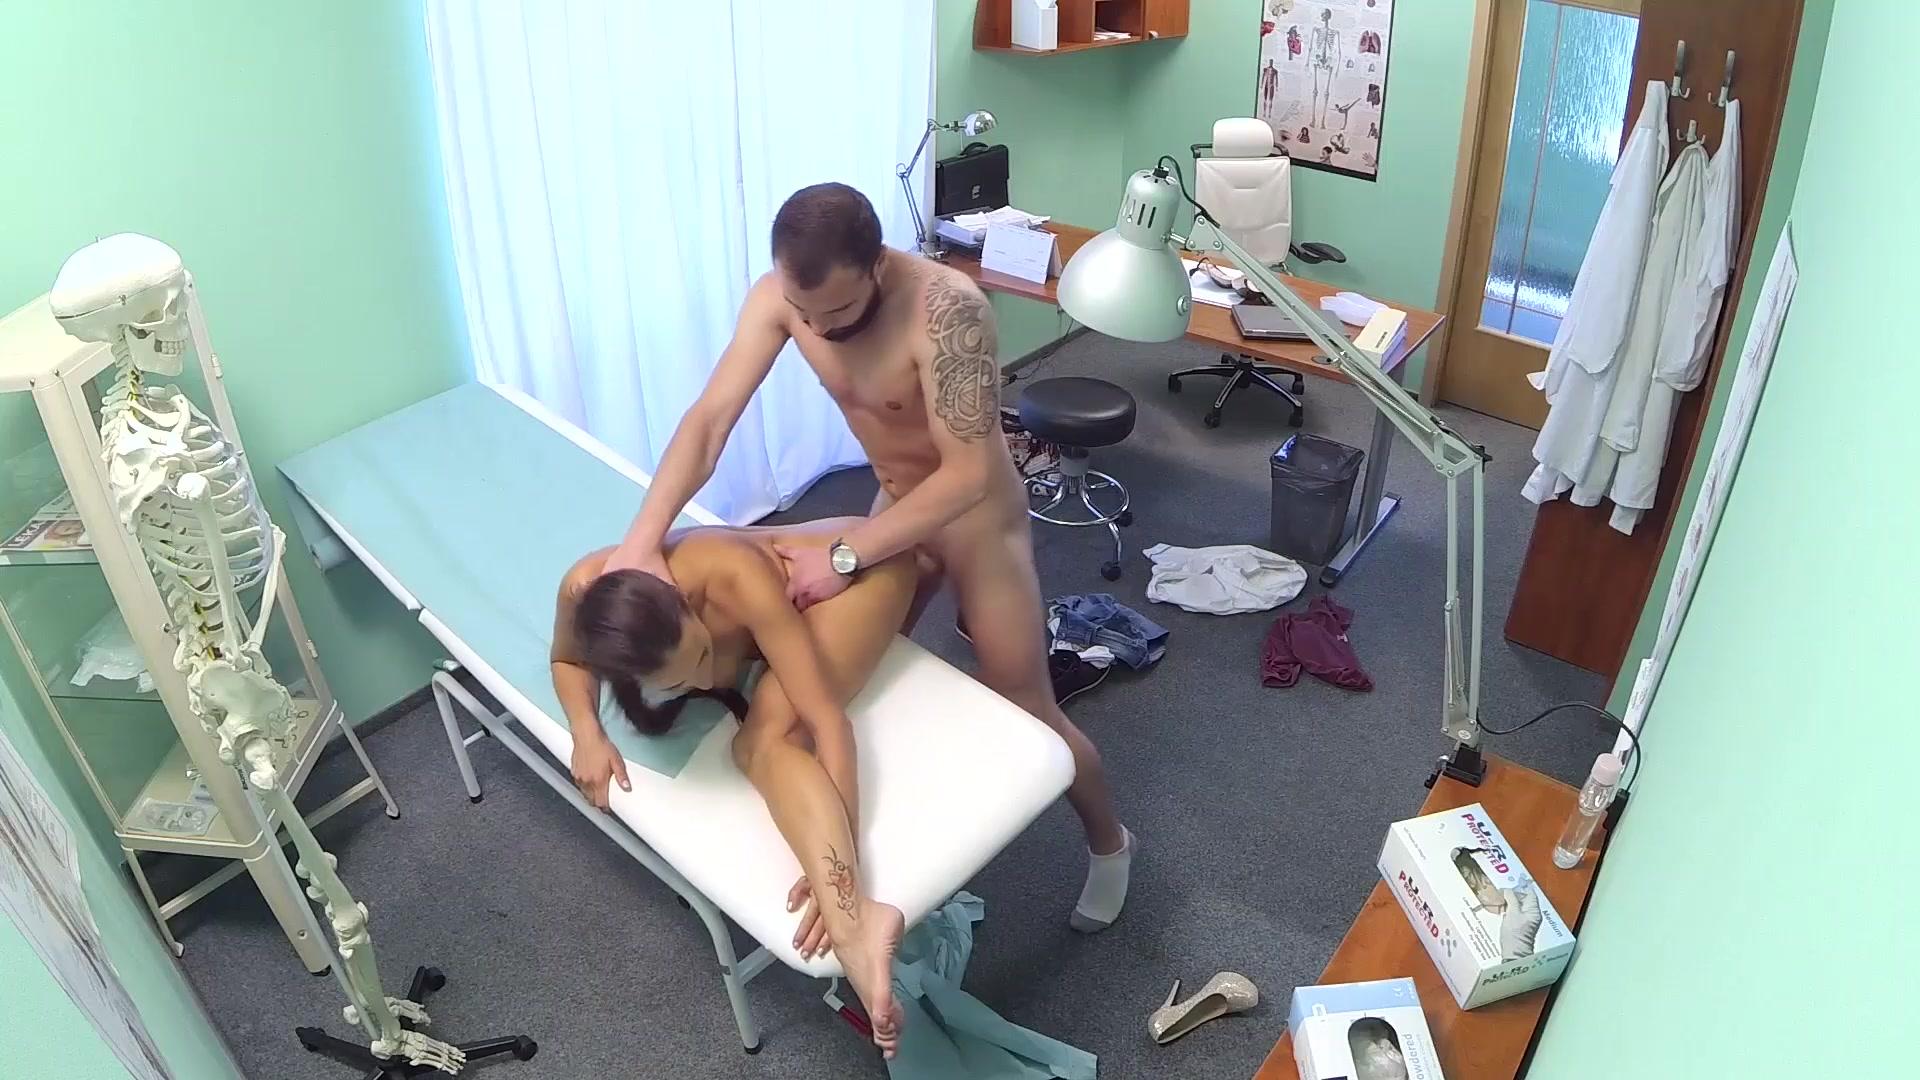 пикапер эротический фильм частная клиника материалы представлены